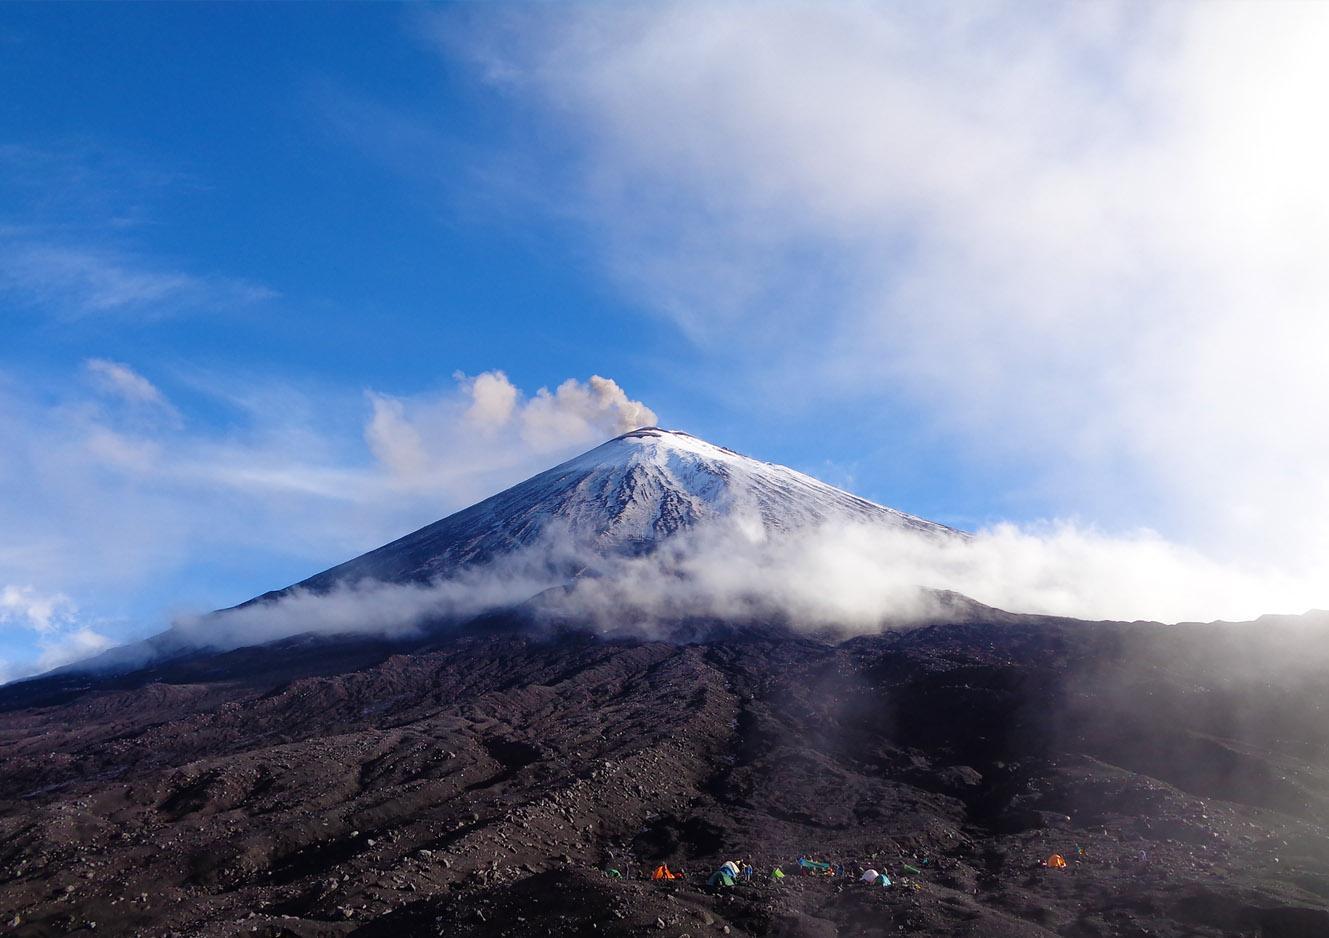 КЛЮЧЕВСКАЯ СОПКА (4750 м)